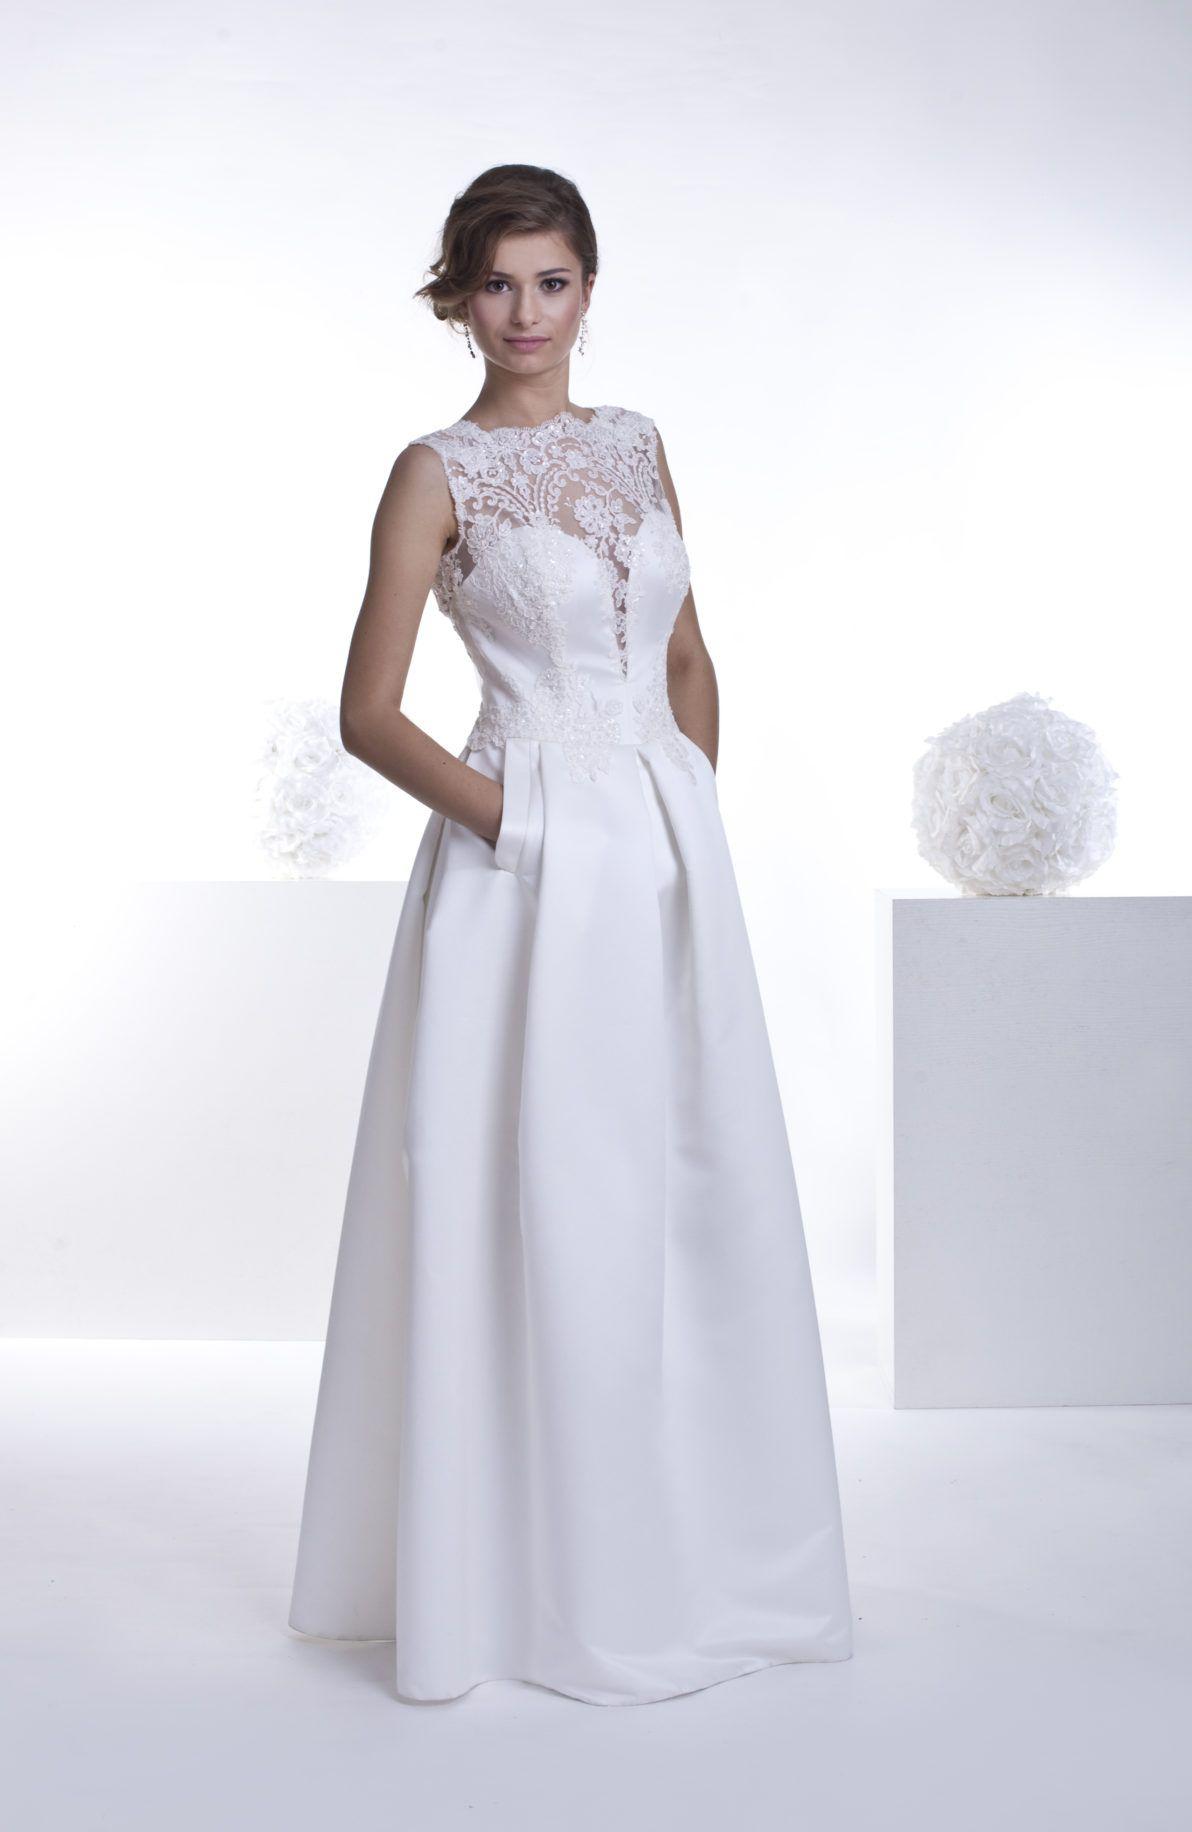 suknia ślubna z kieszeniami i koronkową górą